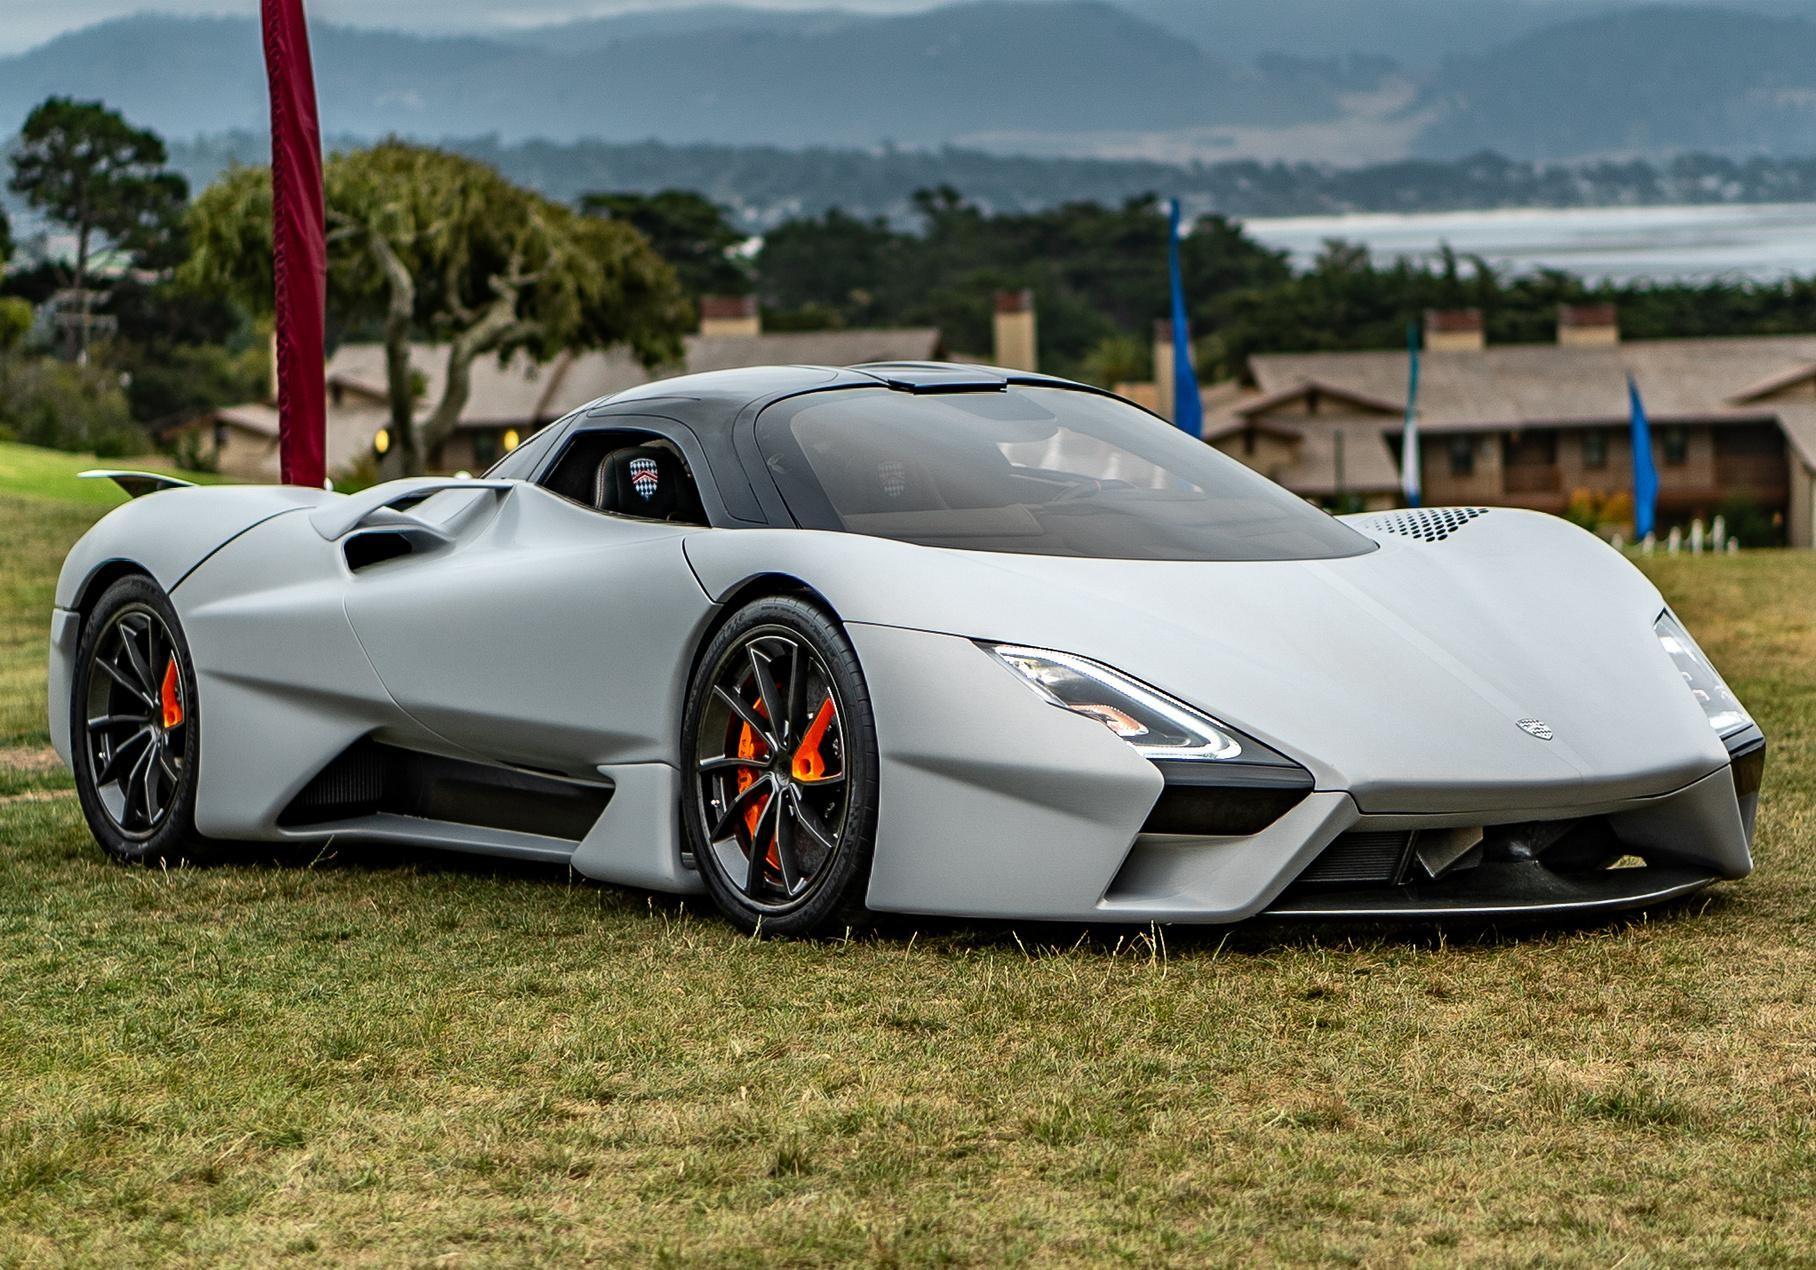 Shelby SuperCars спустя 8 лет презентовала второй сверхмощный гиперкар 1